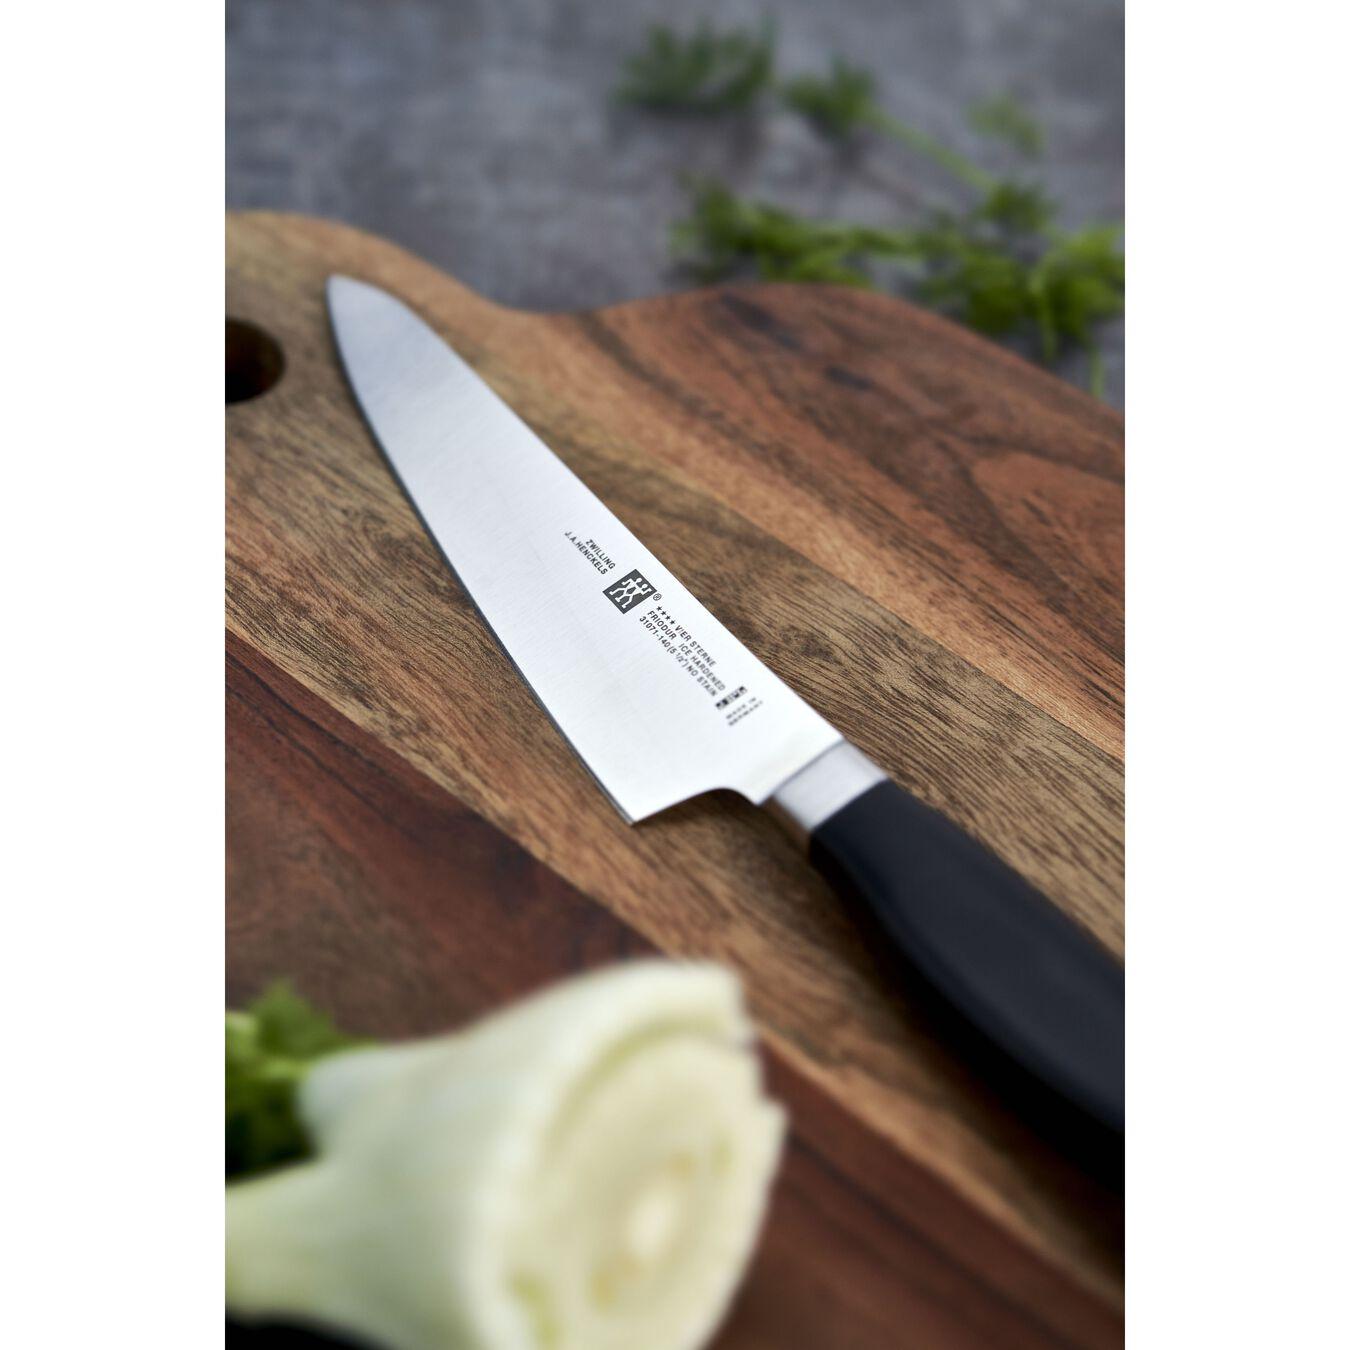 Couteau de chef compact 14 cm, Argent, Plastique,,large 2